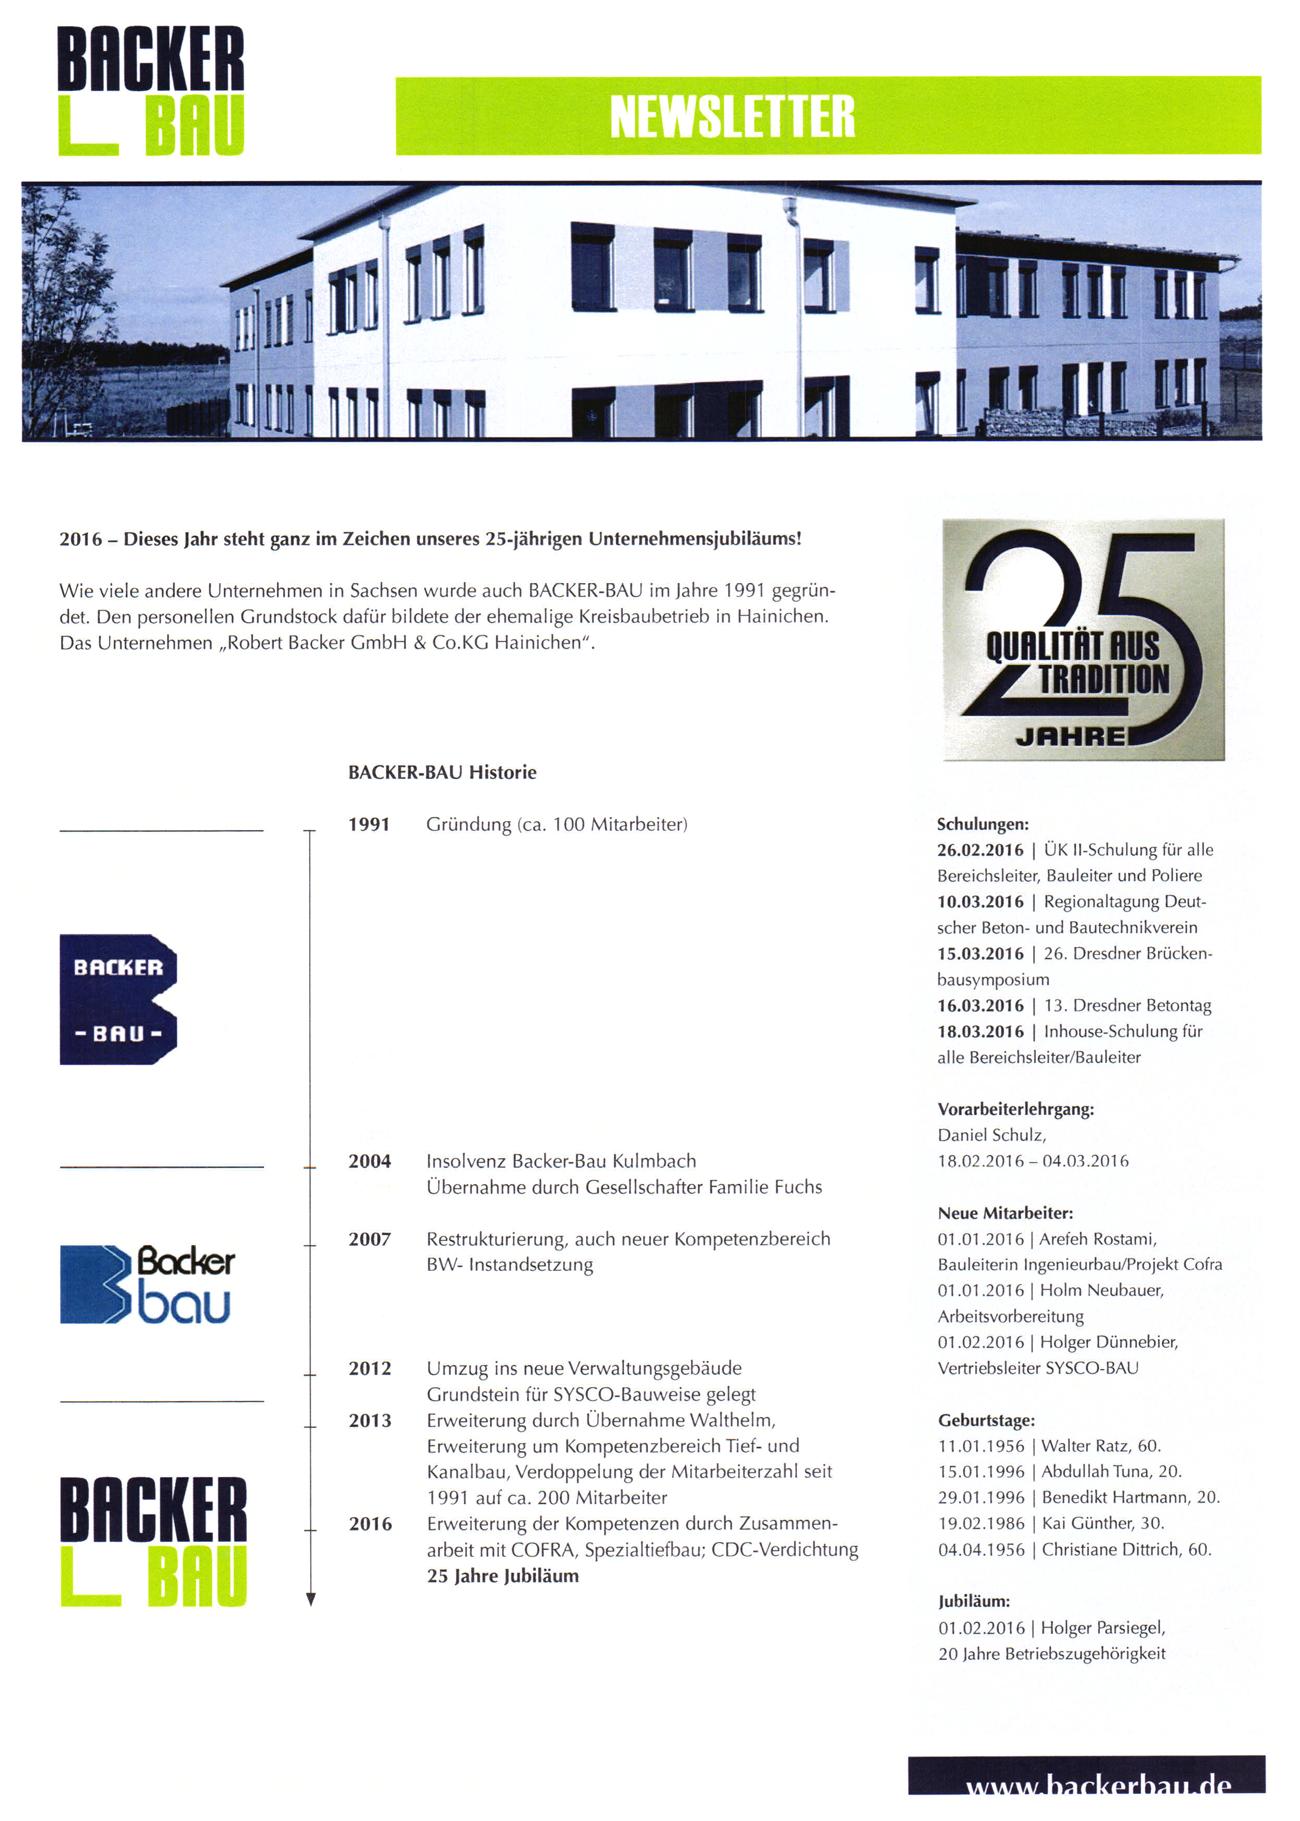 backerbau_newsletter_feb2016_1